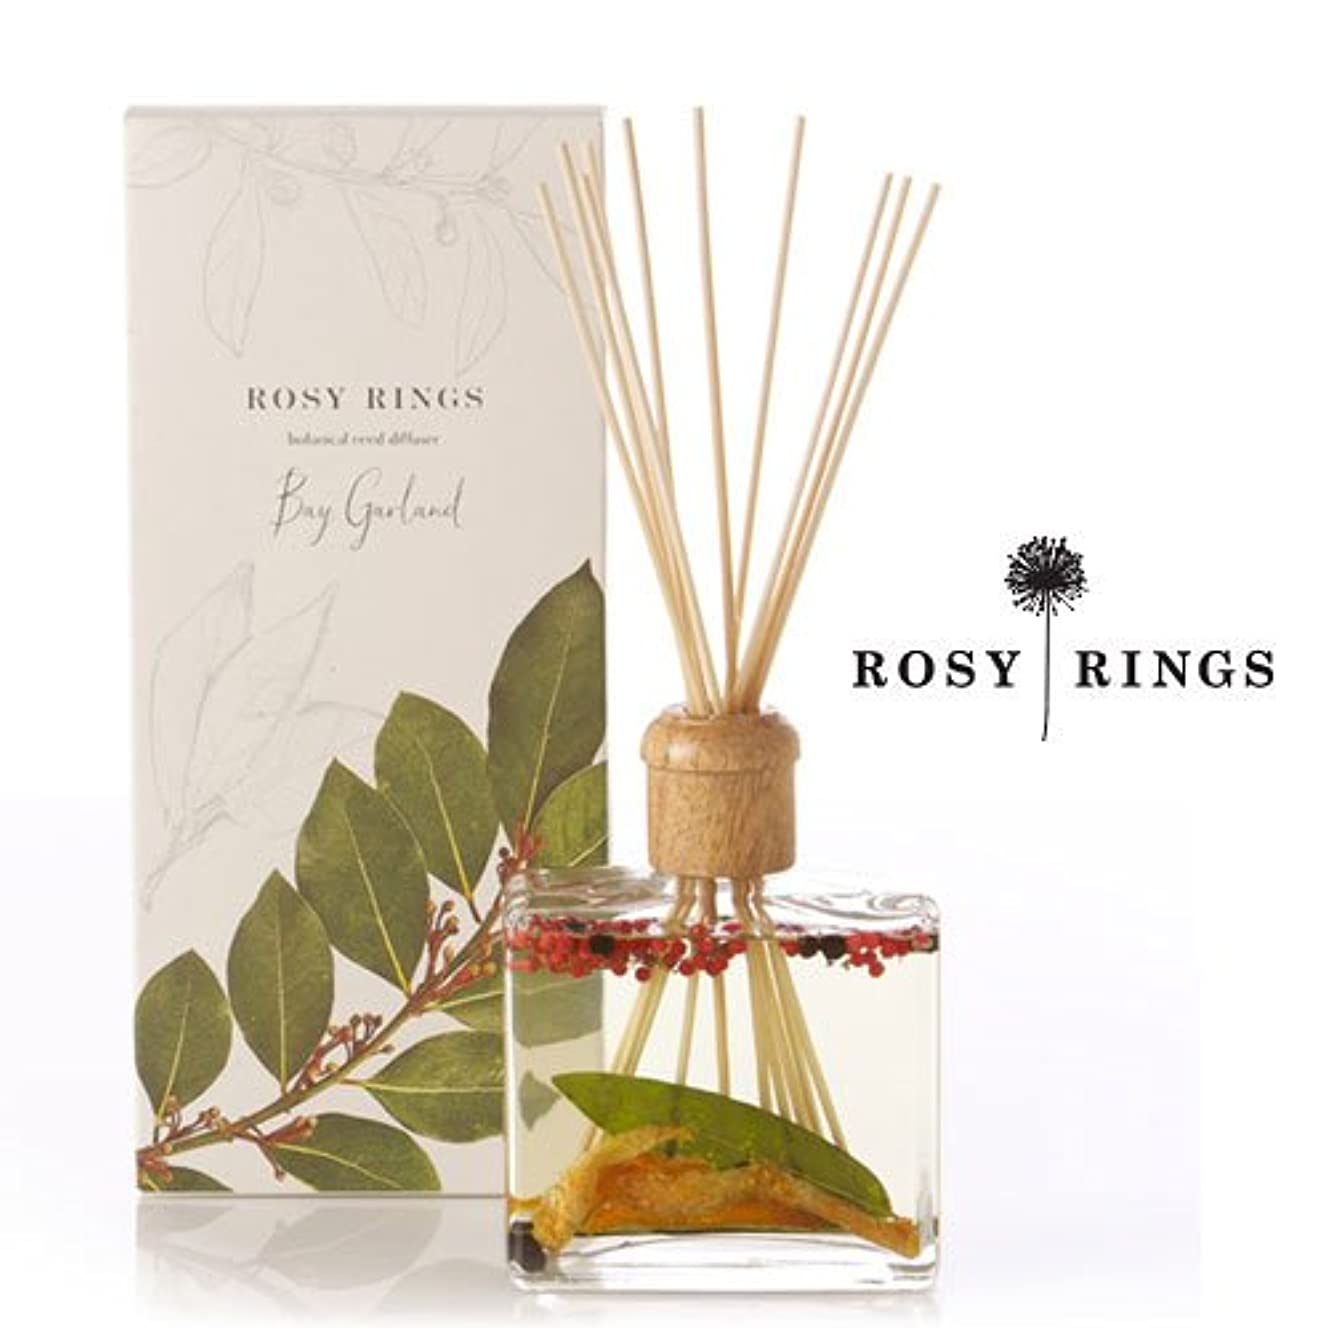 有効メアリアンジョーンズ硬化するロージーリングス ボタニカルリードディフューザード ベイガーランド ROSY RINGS Signature Collection Botanical Reed Diffuser – Bay Garland